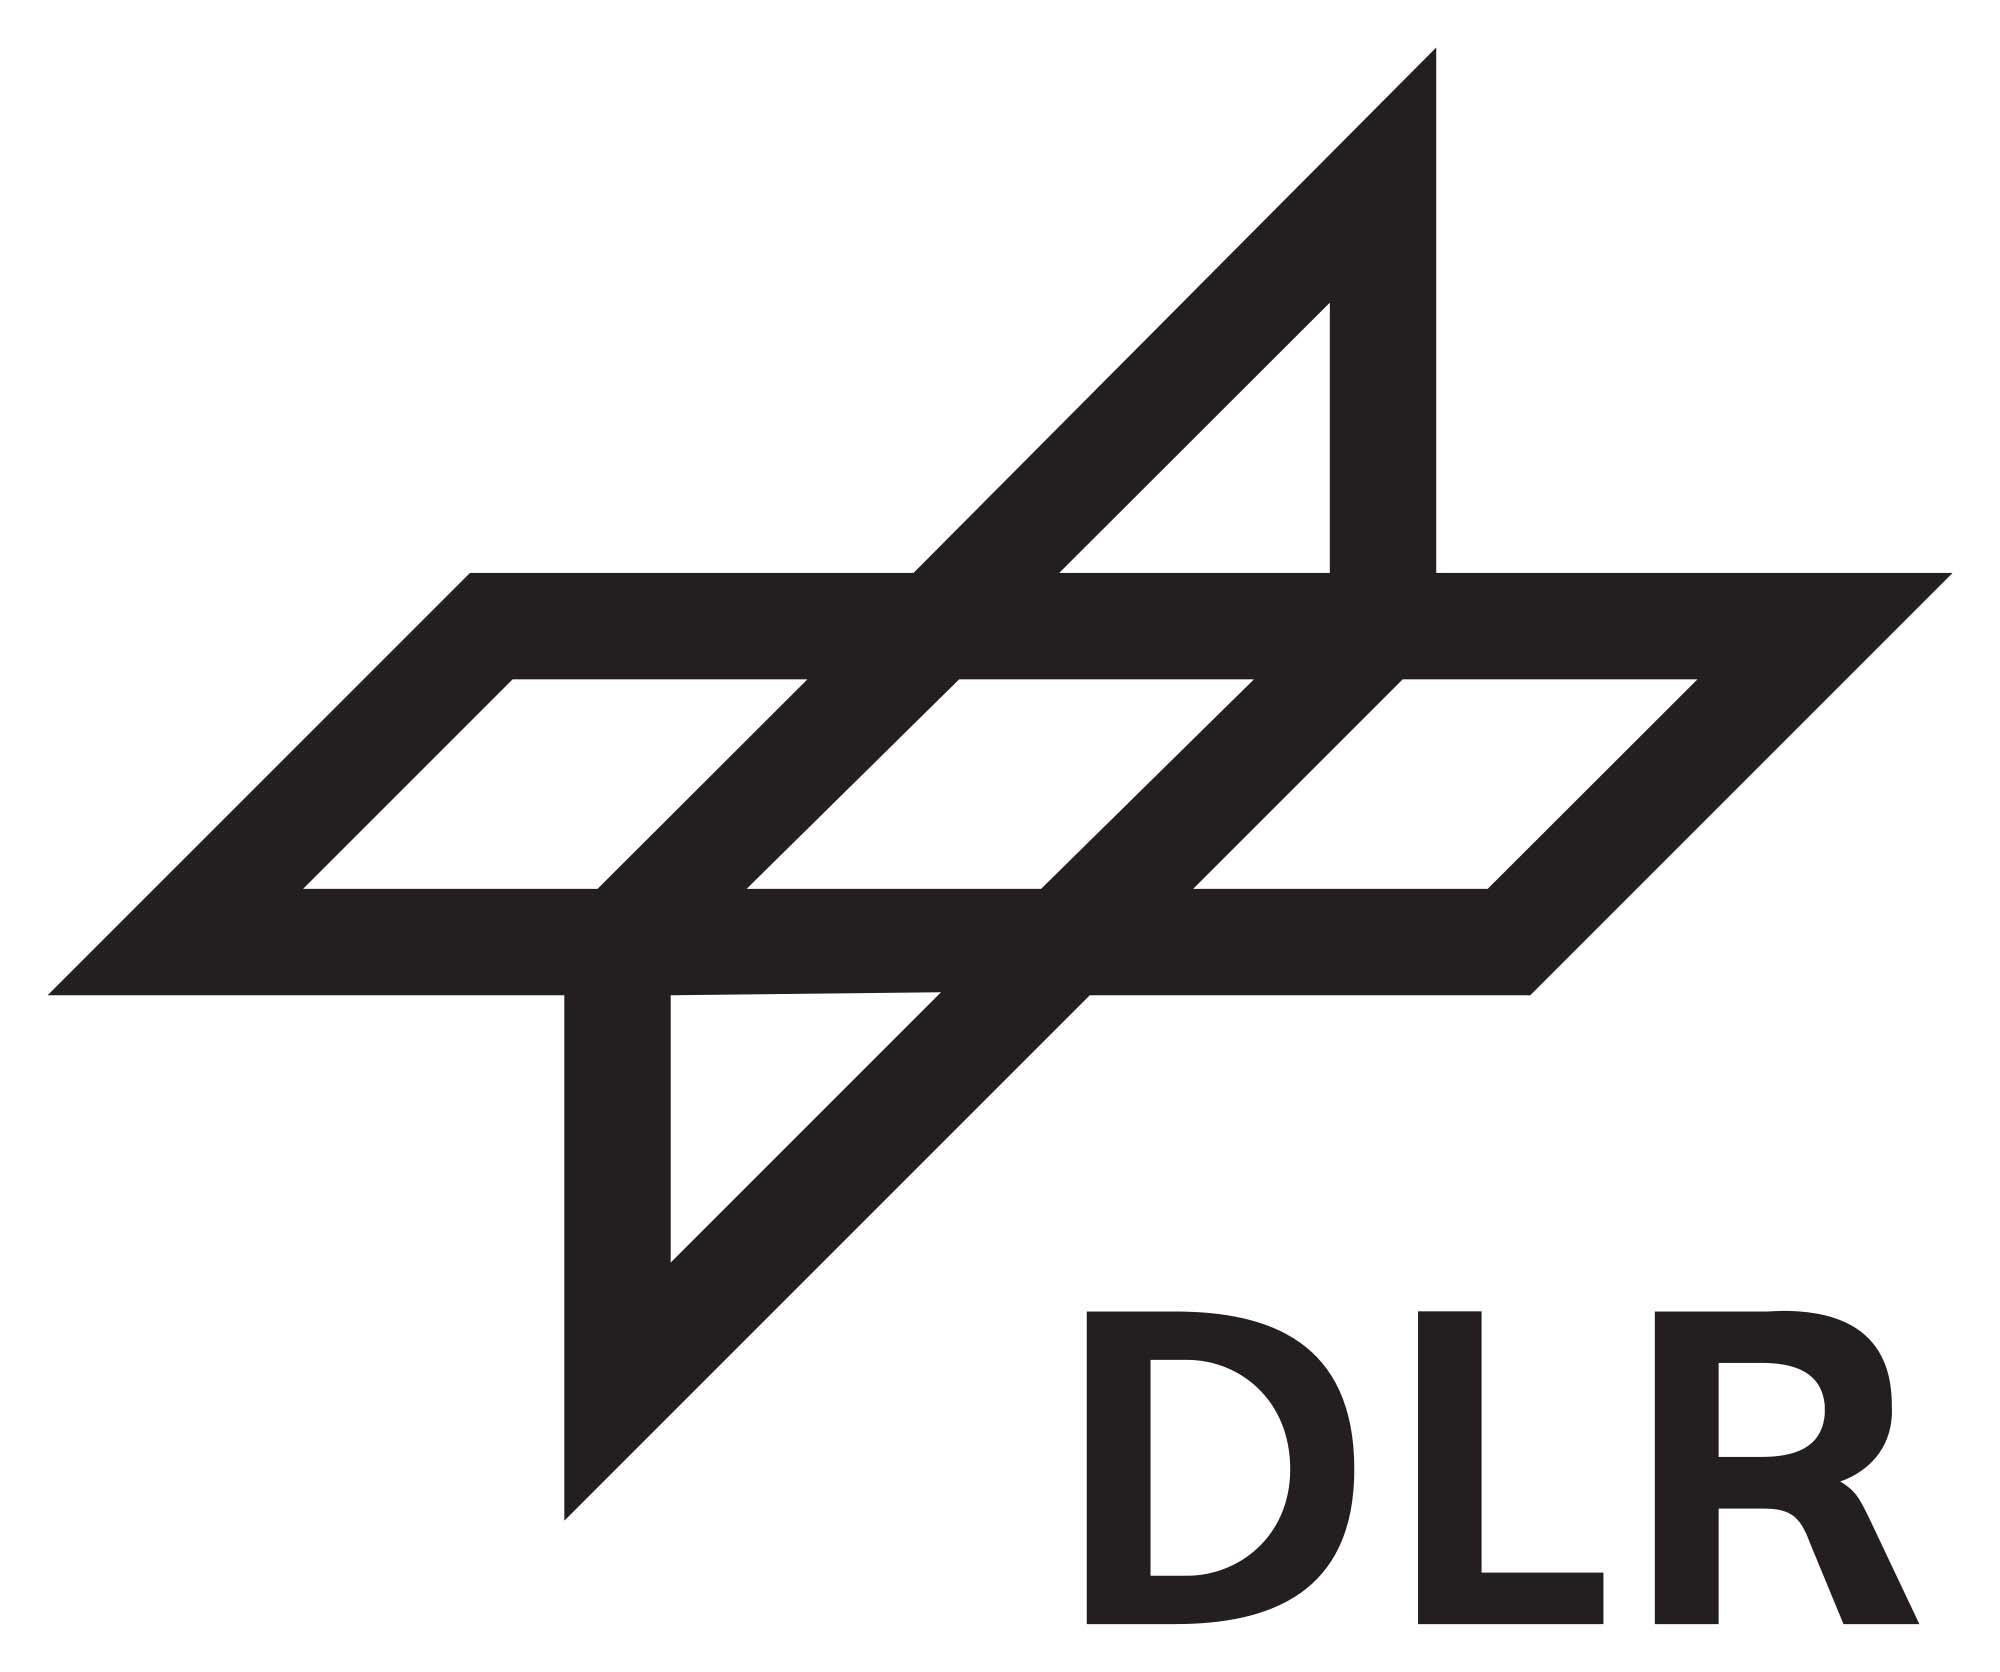 Deutsches-Zentrum-fuer-Luft-und-Raumfahrt-DLR-Logo